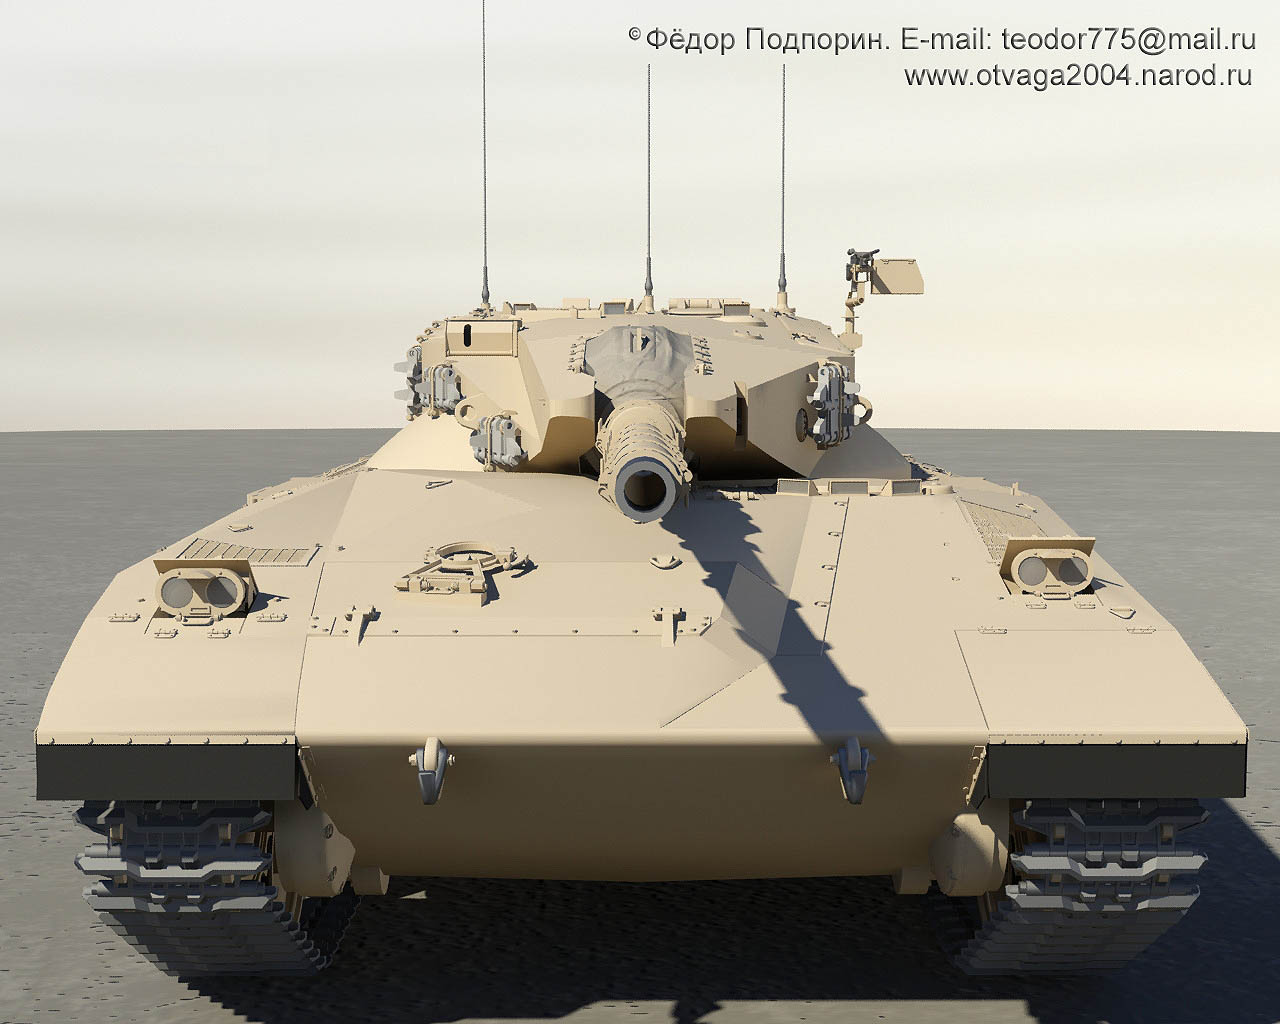 merkava-teodor775-otvaga2004-001